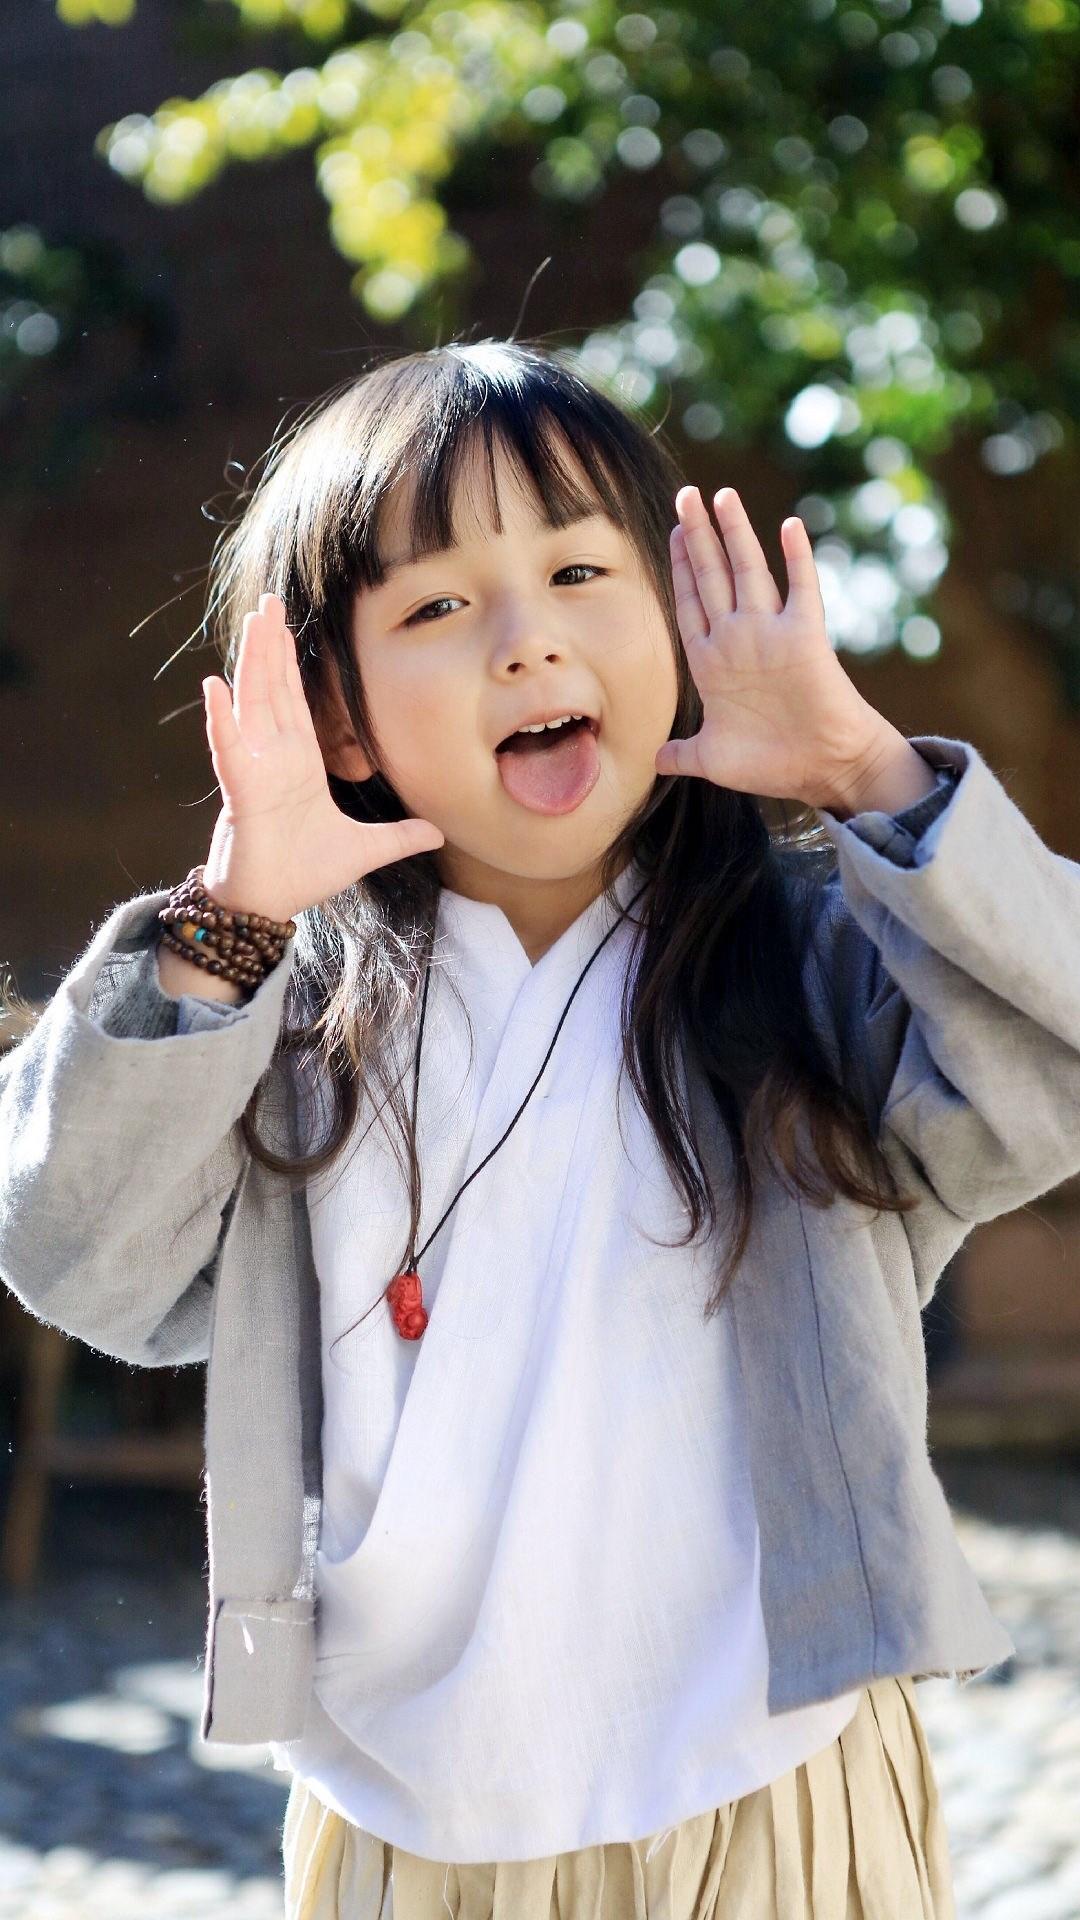 电脑上wap网:可爱 刘楚恬 小女孩 苹果手机高清壁纸 1080x1920_爱思